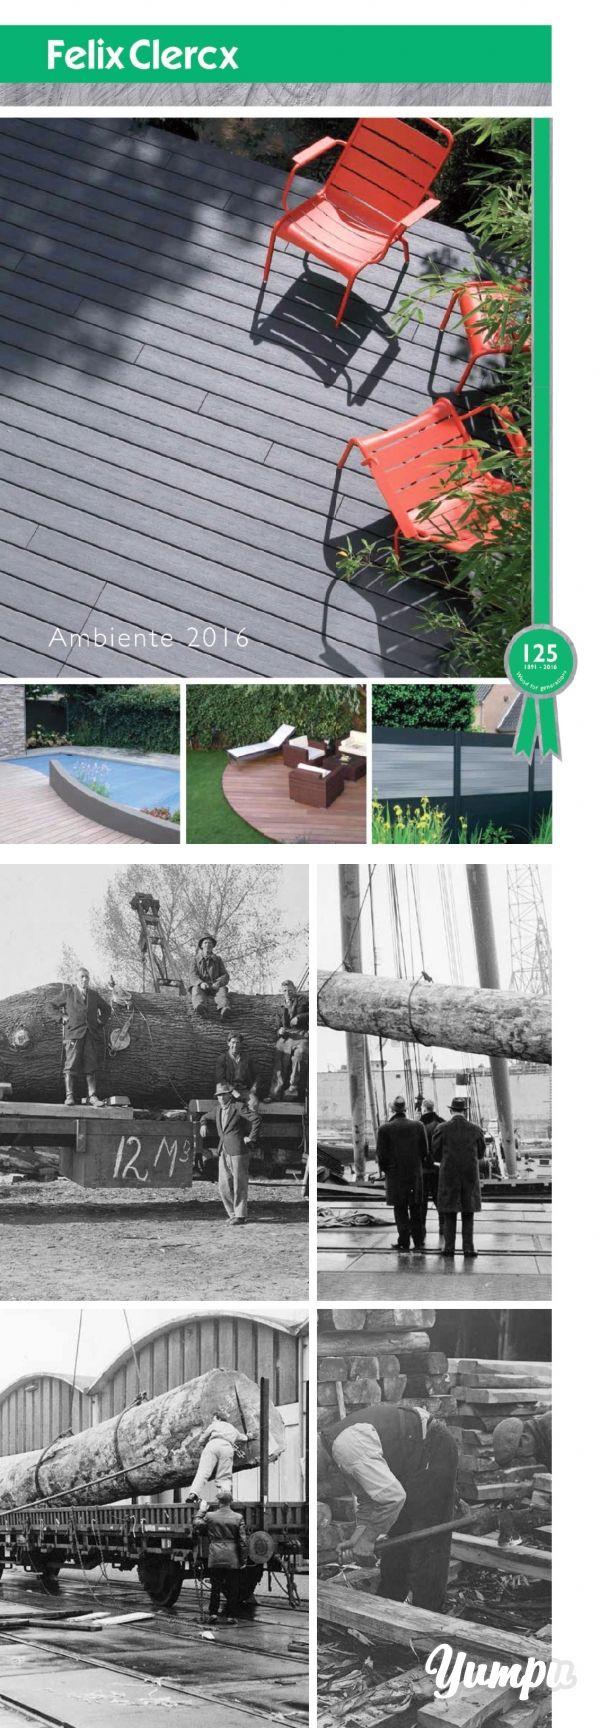 Felix Clercx Ambiente 2016 - In diesem Katalog finden Sie eine großartige Auswahl an Terrassendielen aus Holz und WPC und eine große Auswahl an Sichschutzelementen.